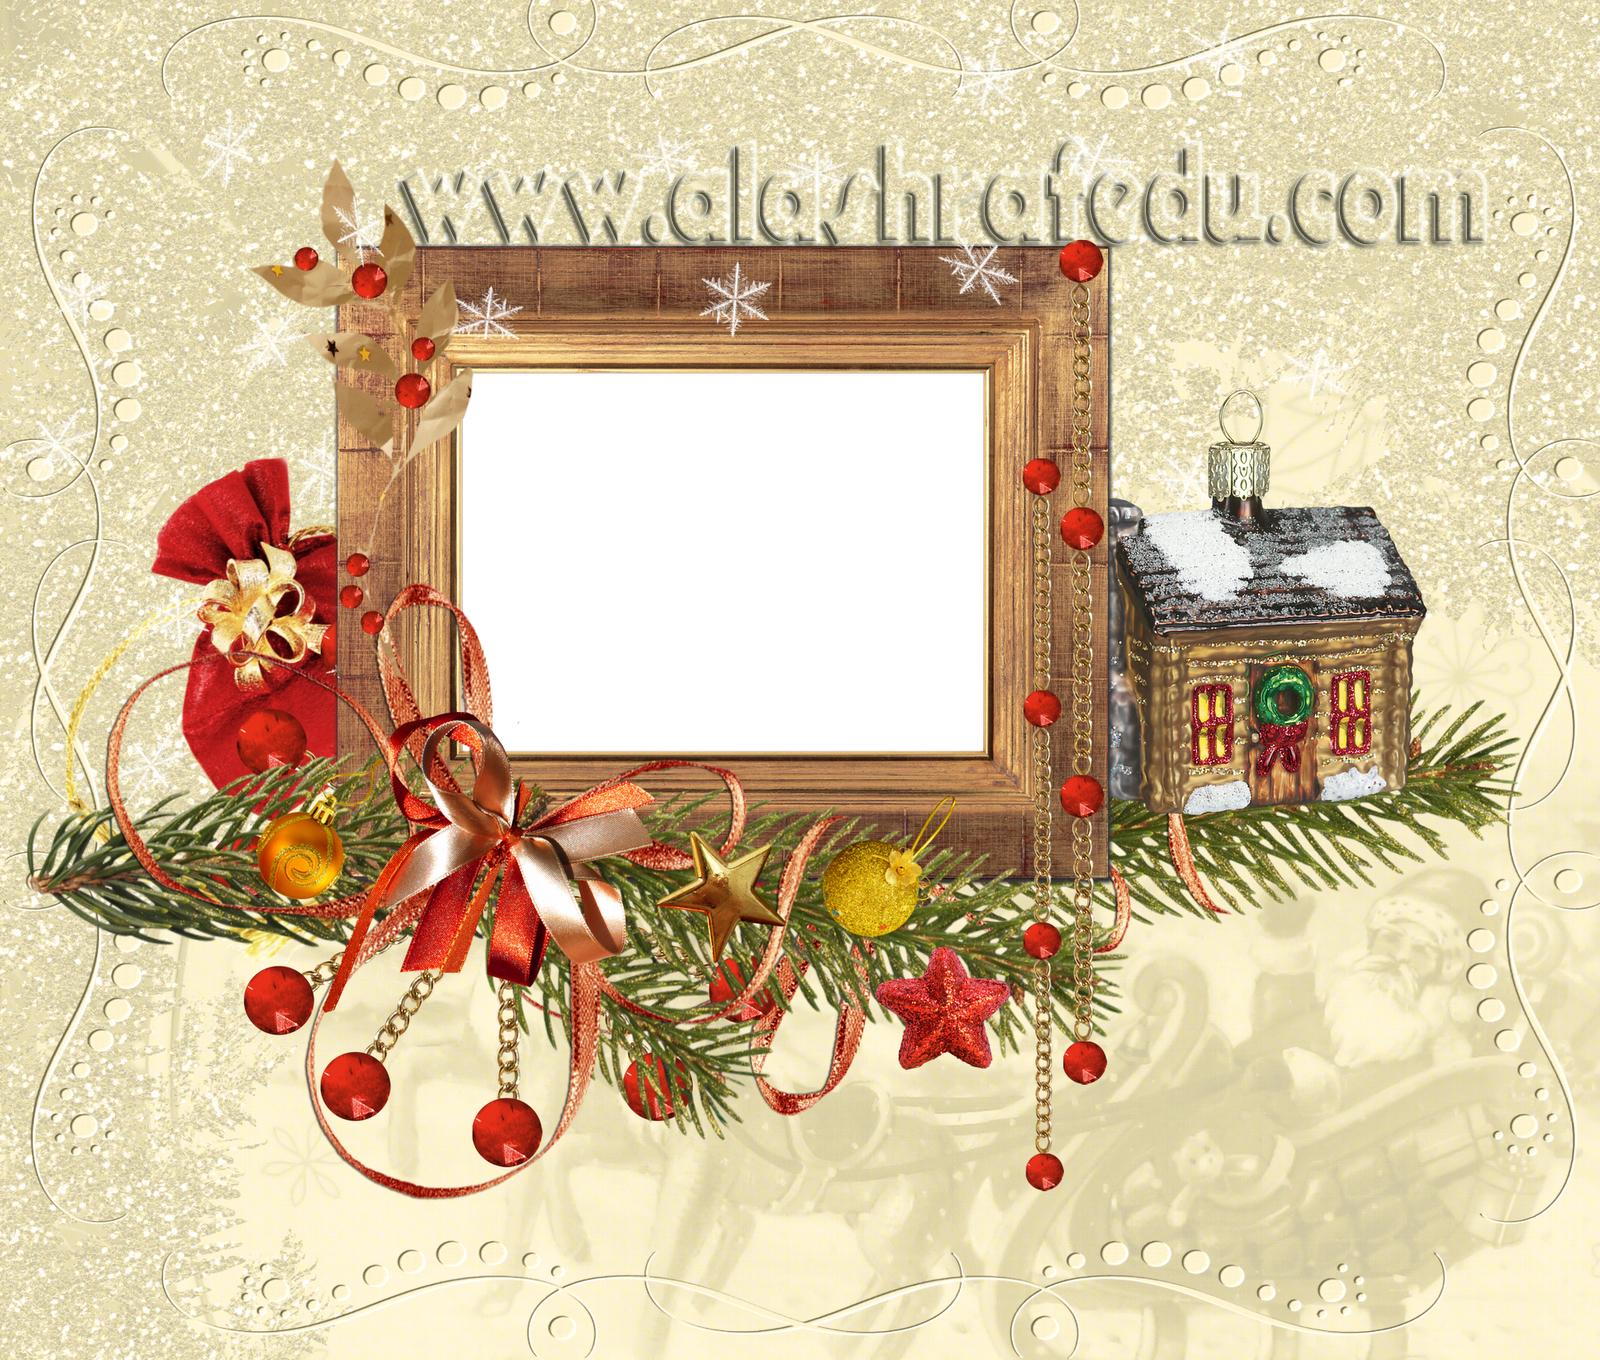 Christmas Frame 2019 www.alashrafedu.com1